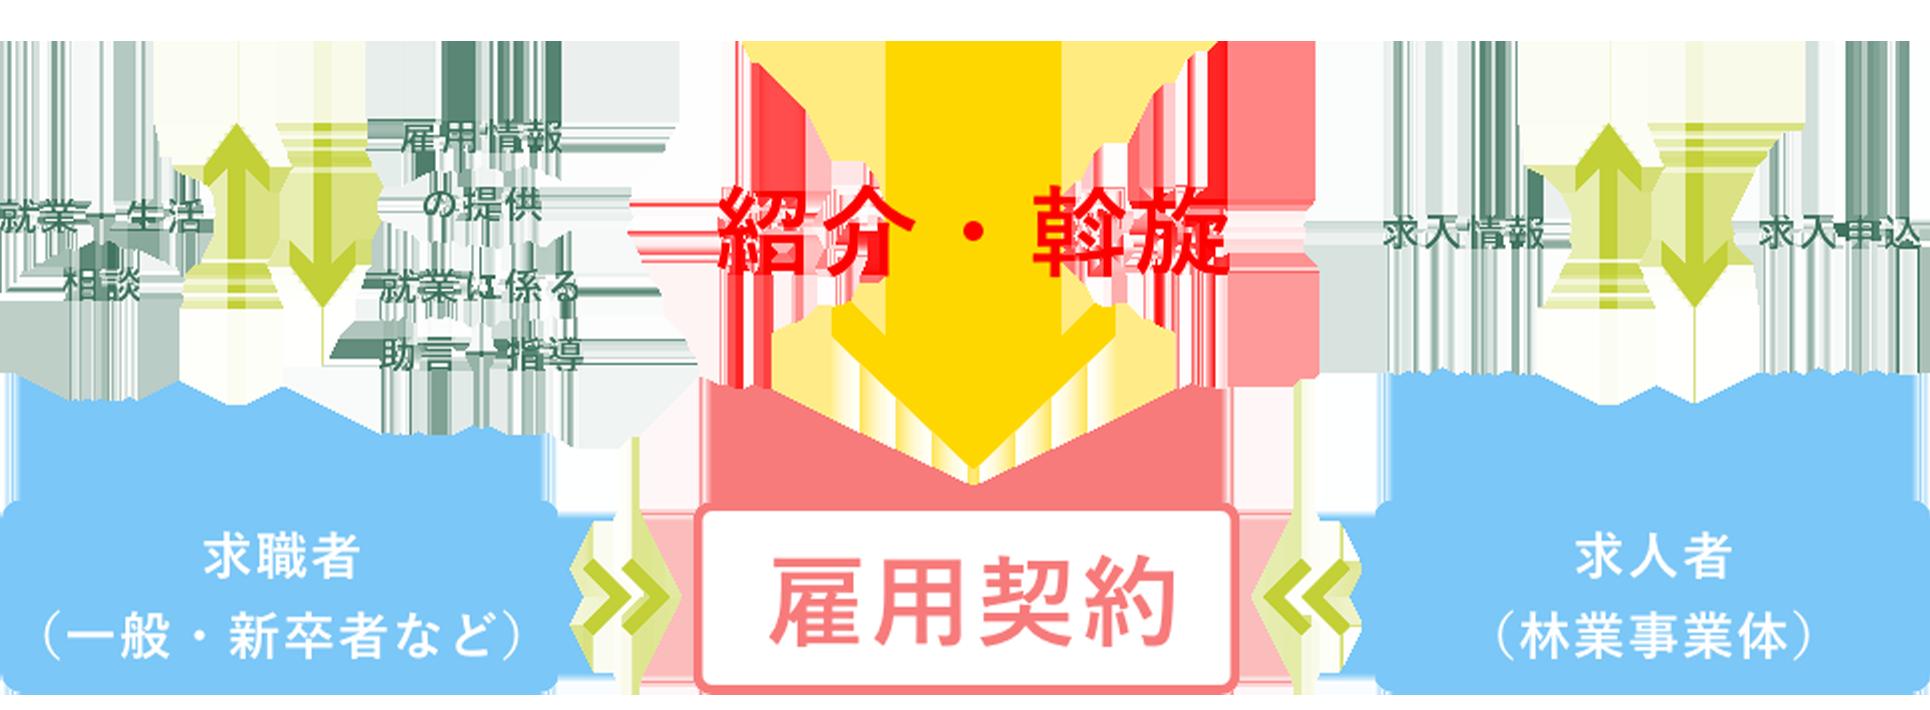 広島県森林組合連合会(無料職業紹介事業所)